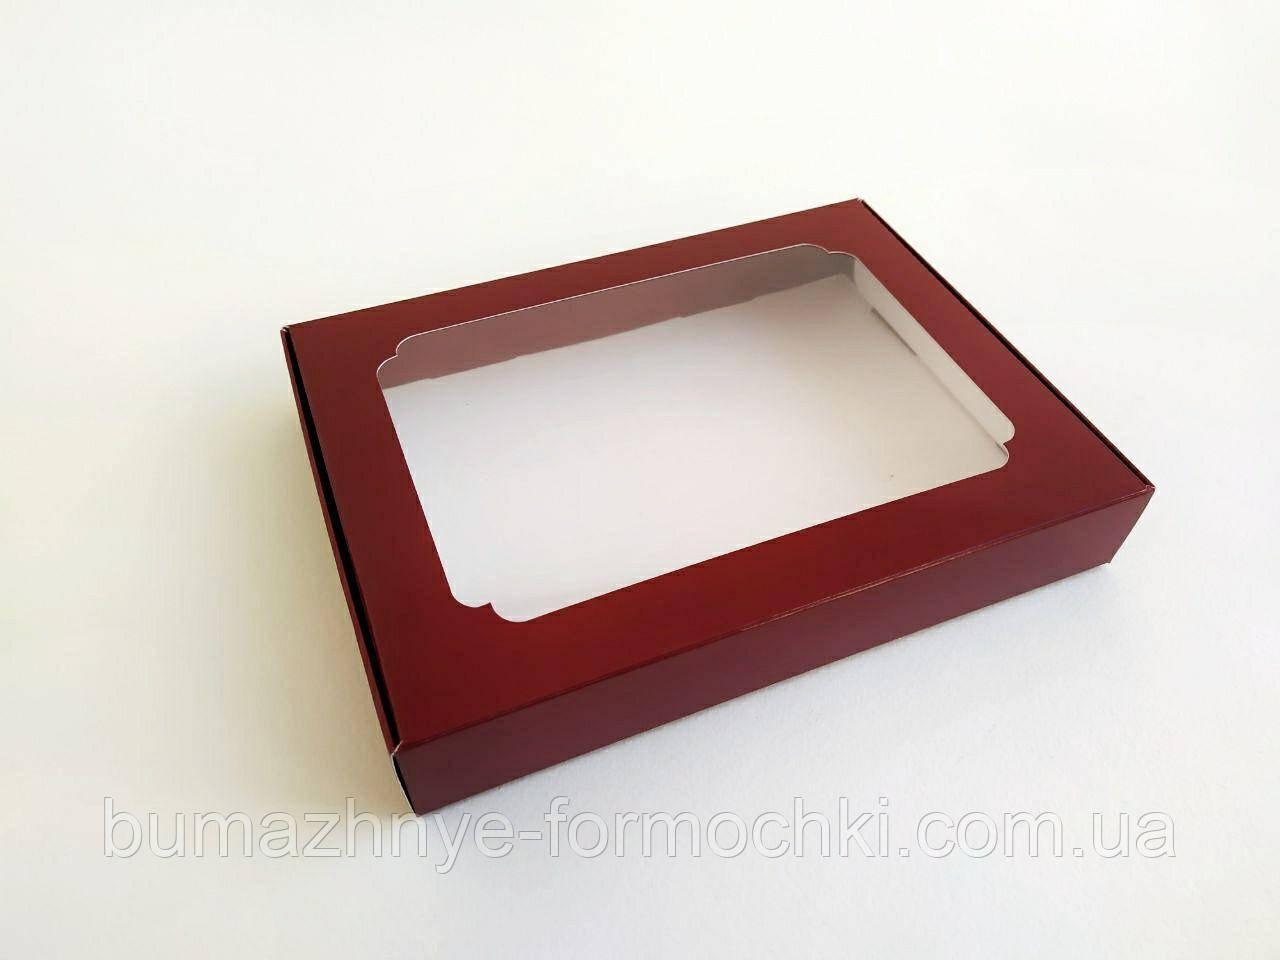 Коробка для пряников, 150*200*30, бордовая